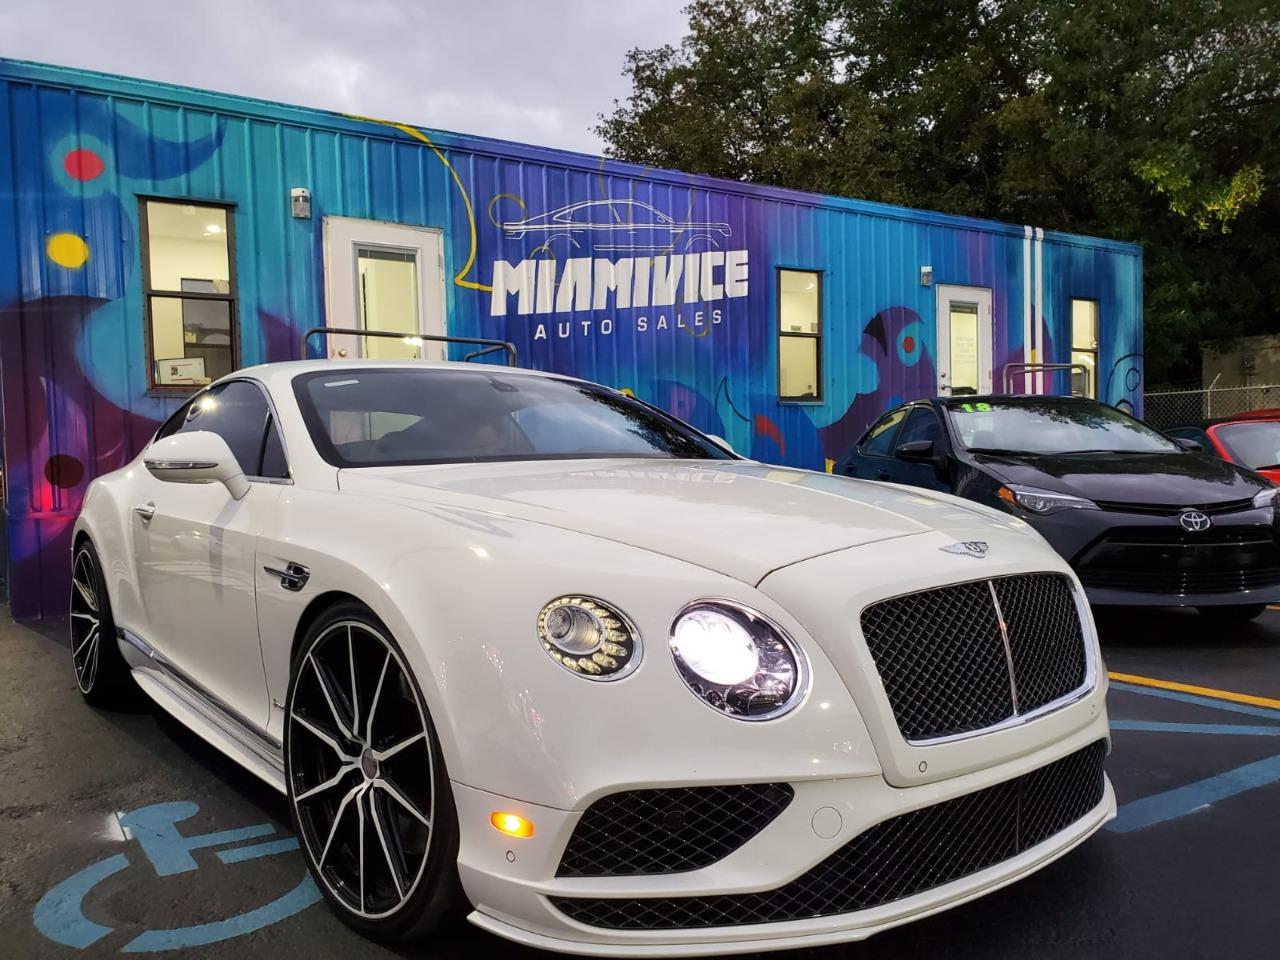 Miami Vice Auto Sales